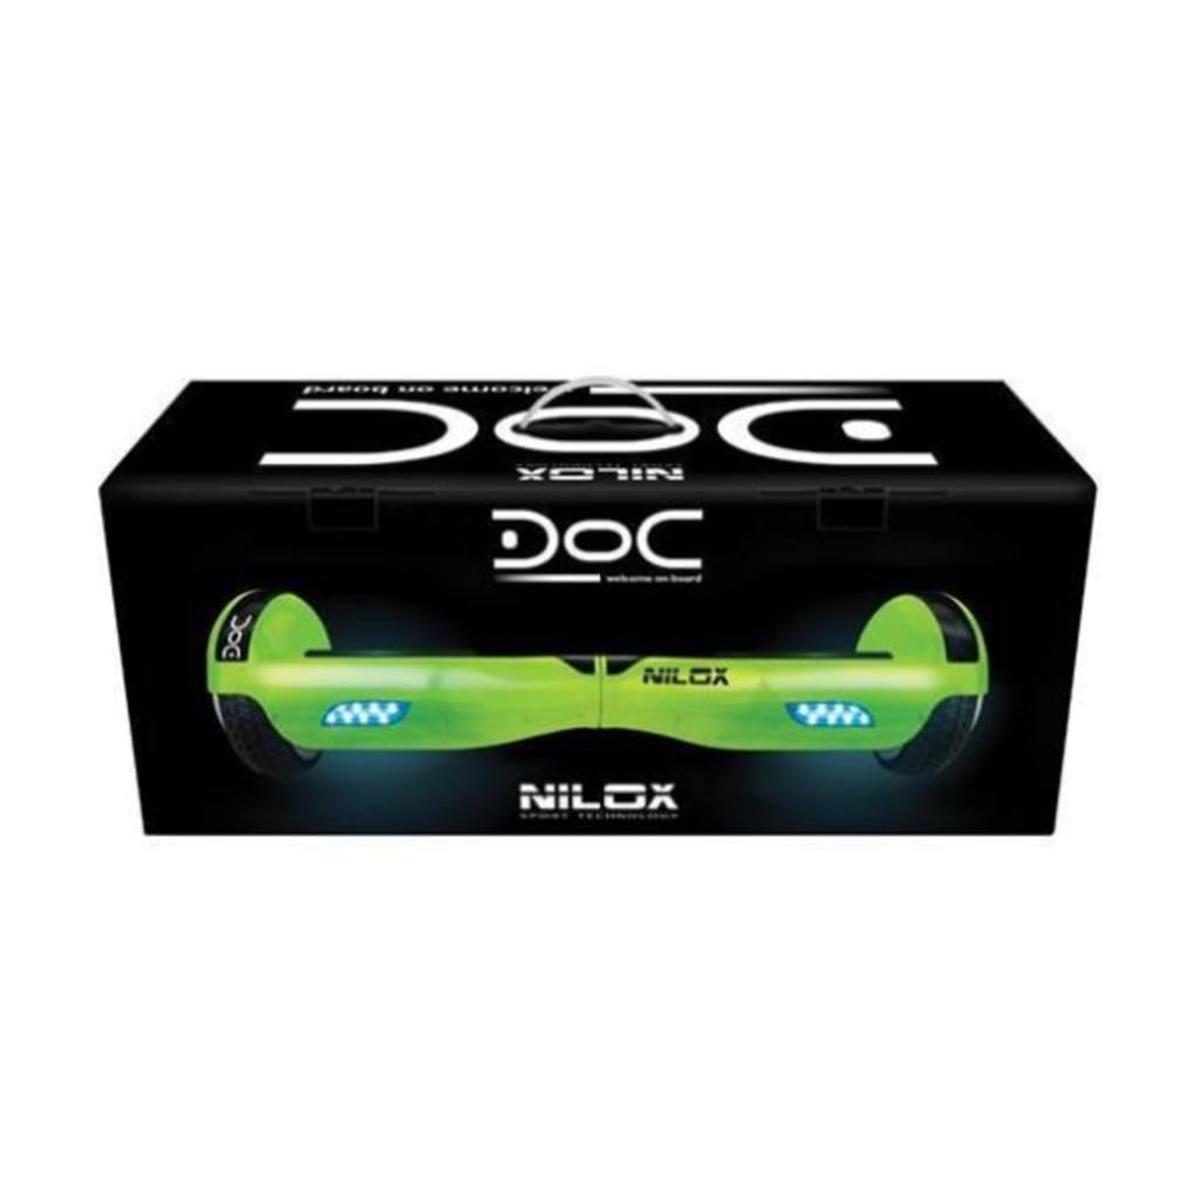 Bild 5 von Nilox DOC E-Balance Board Grün